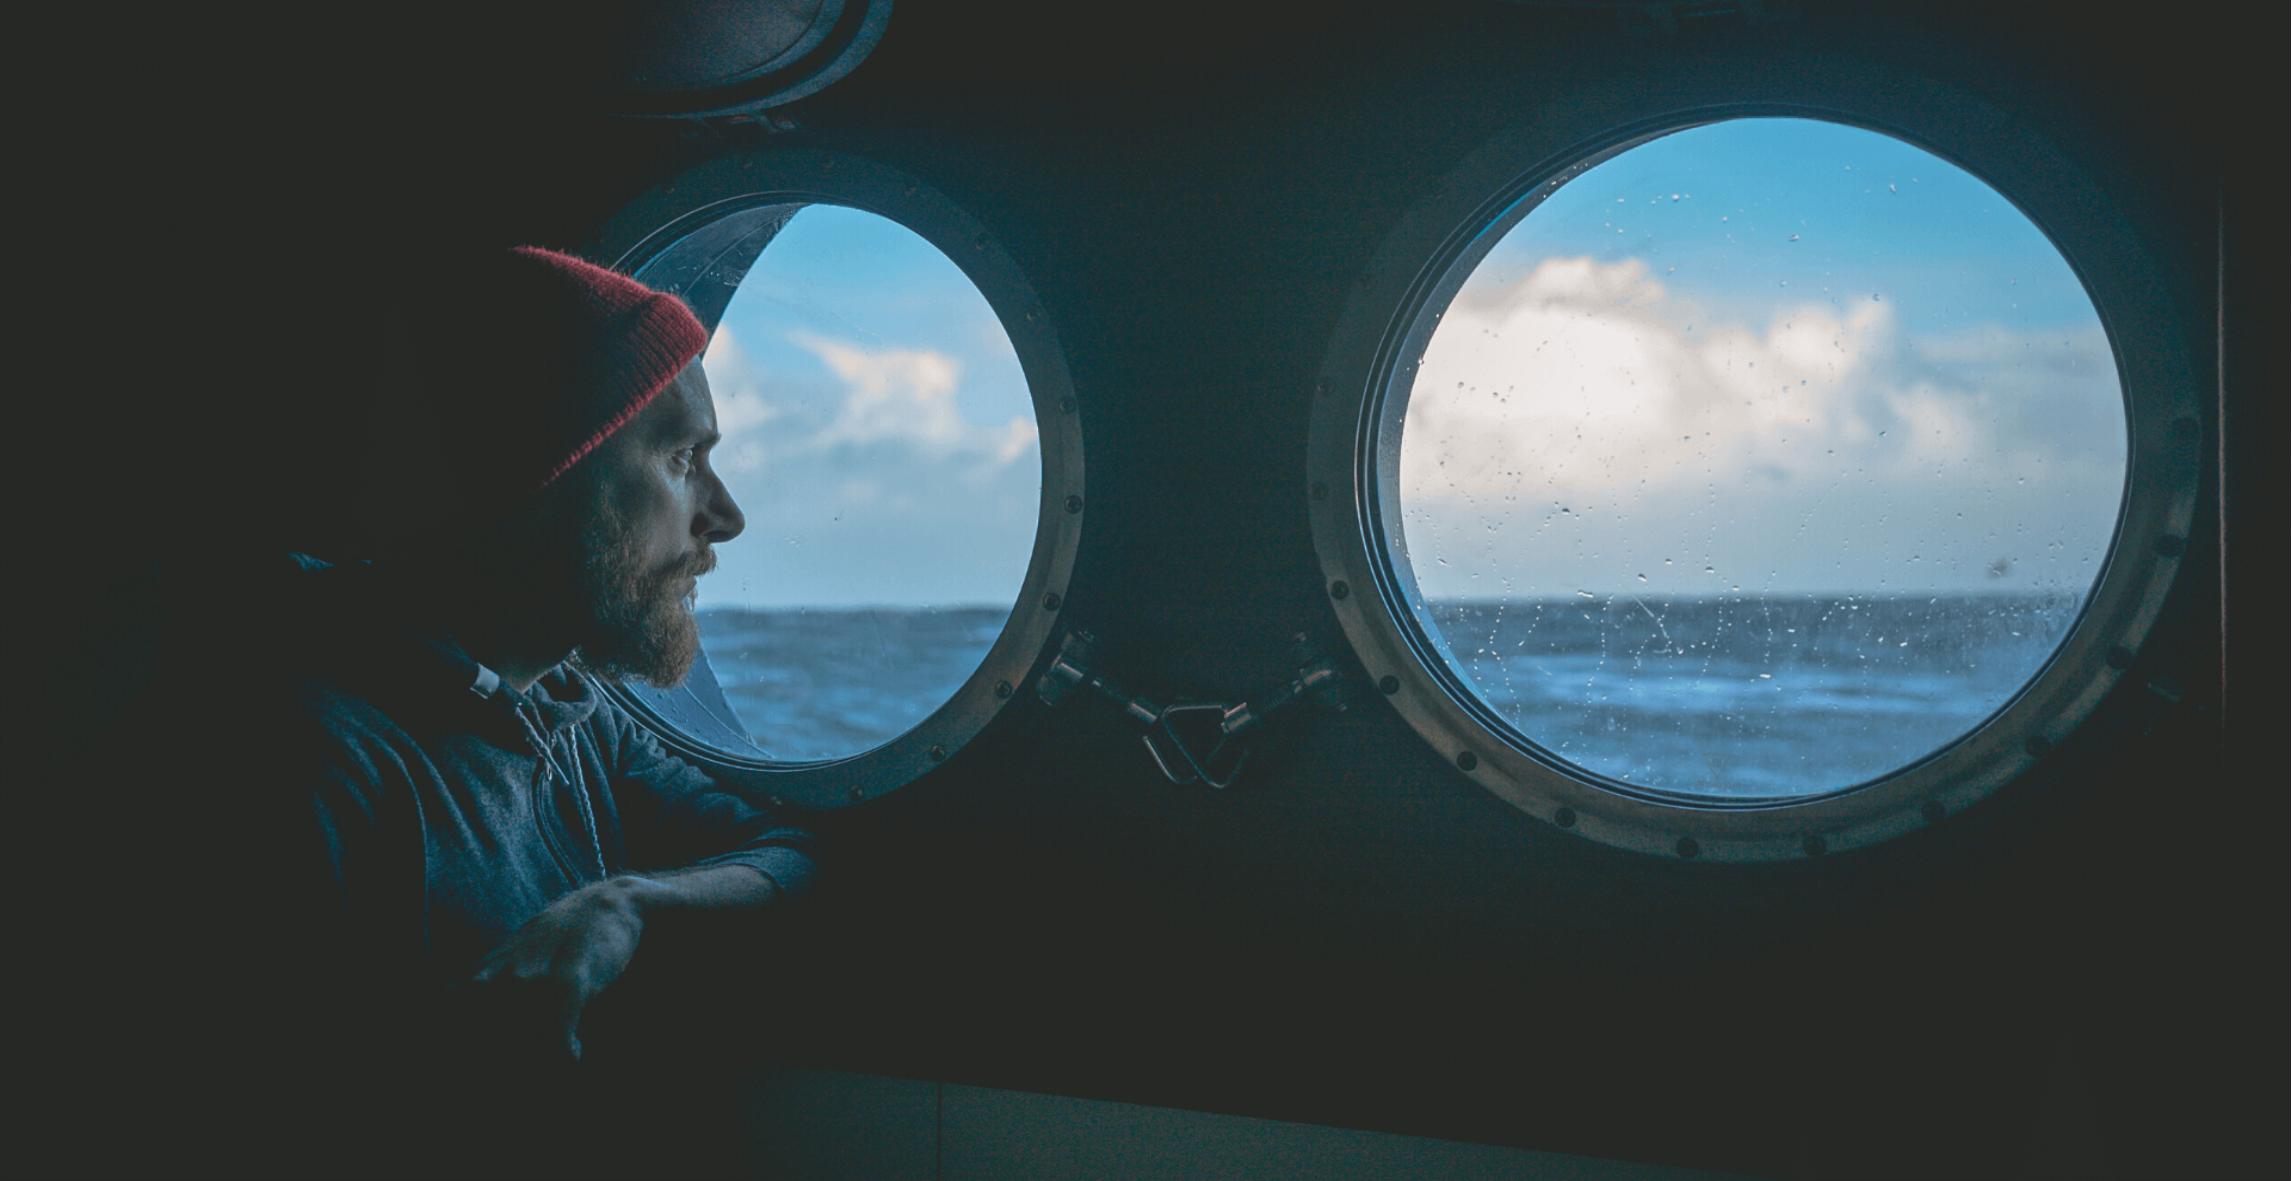 IMO salută acordul cu privire la drepturile navigatorilor în contextul crizei COVID-19